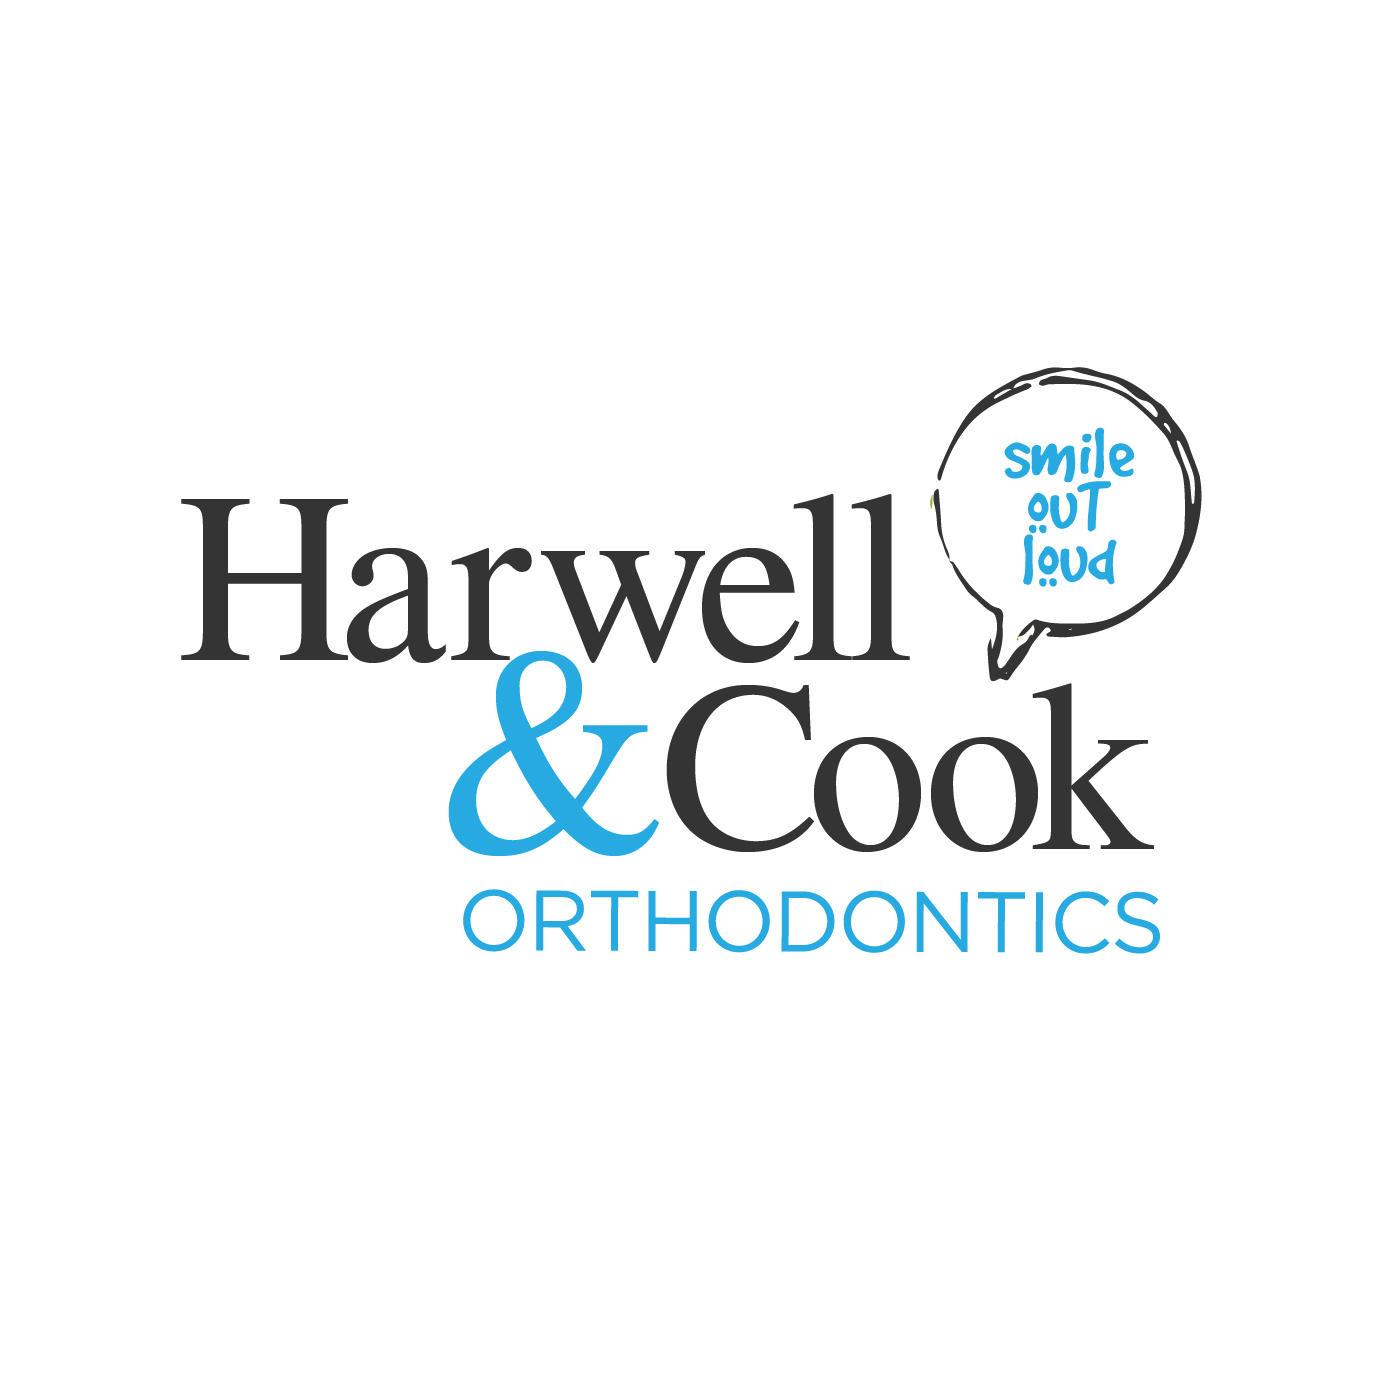 Harwell & Cook Orthodontics